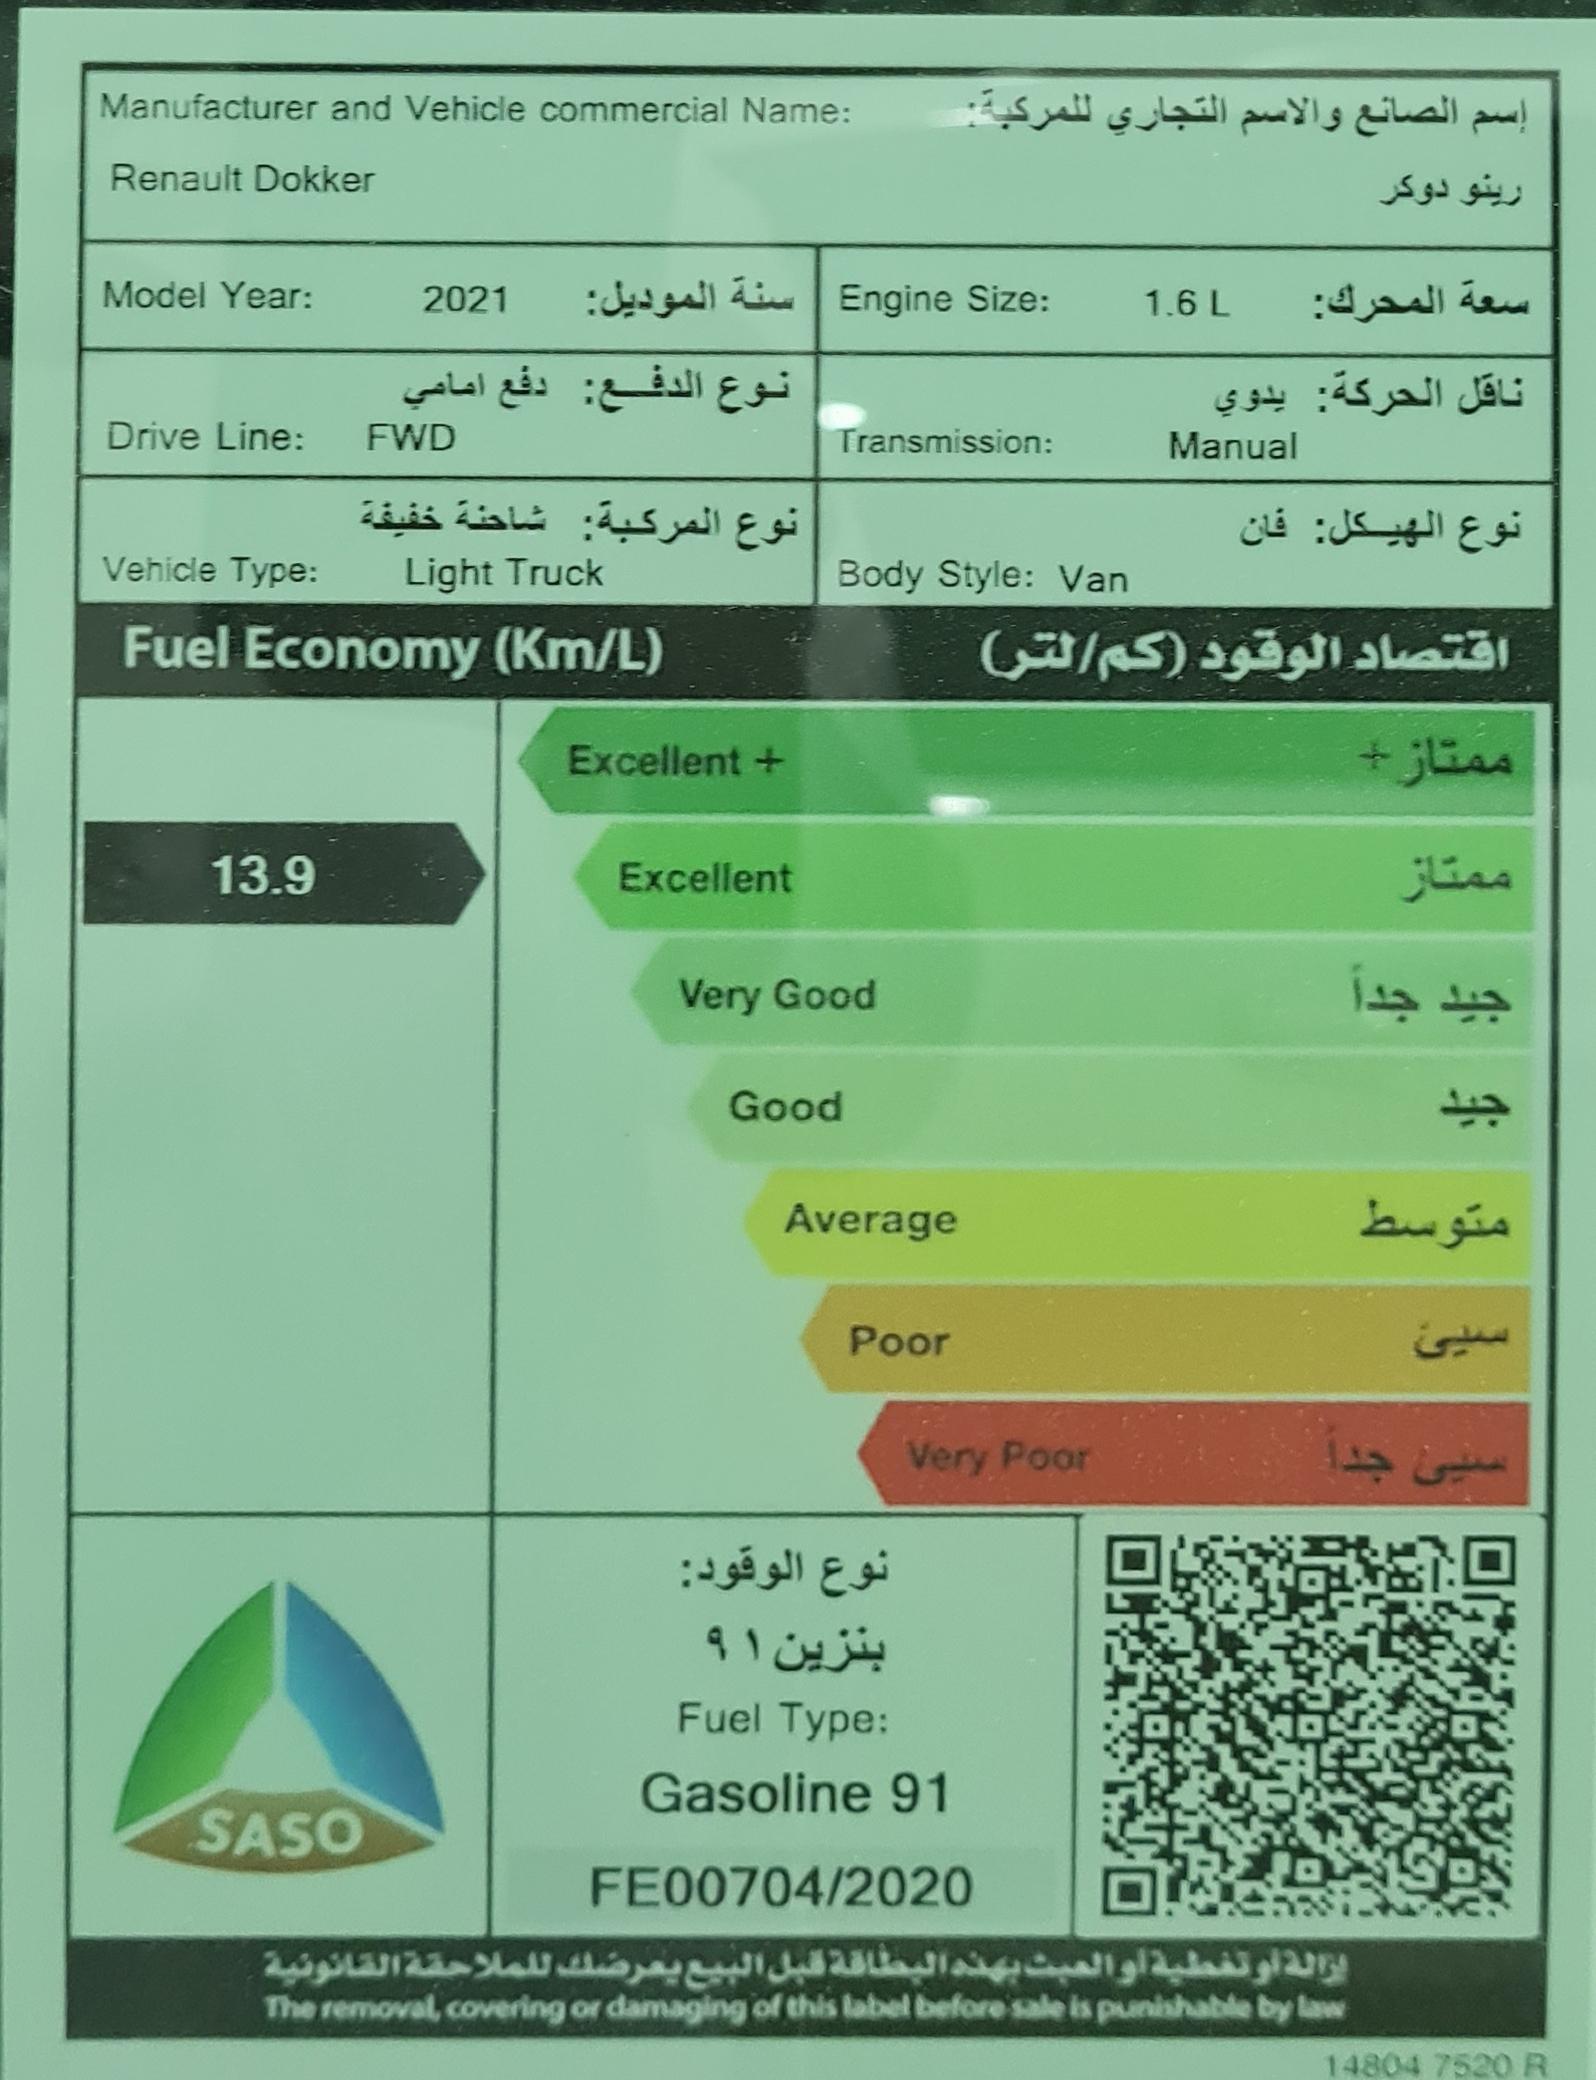 رينو دوكر VAN بضاعة 2021 ستاندر سعودي جديد للبيع في الرياض - السعودية - صورة كبيرة - 6